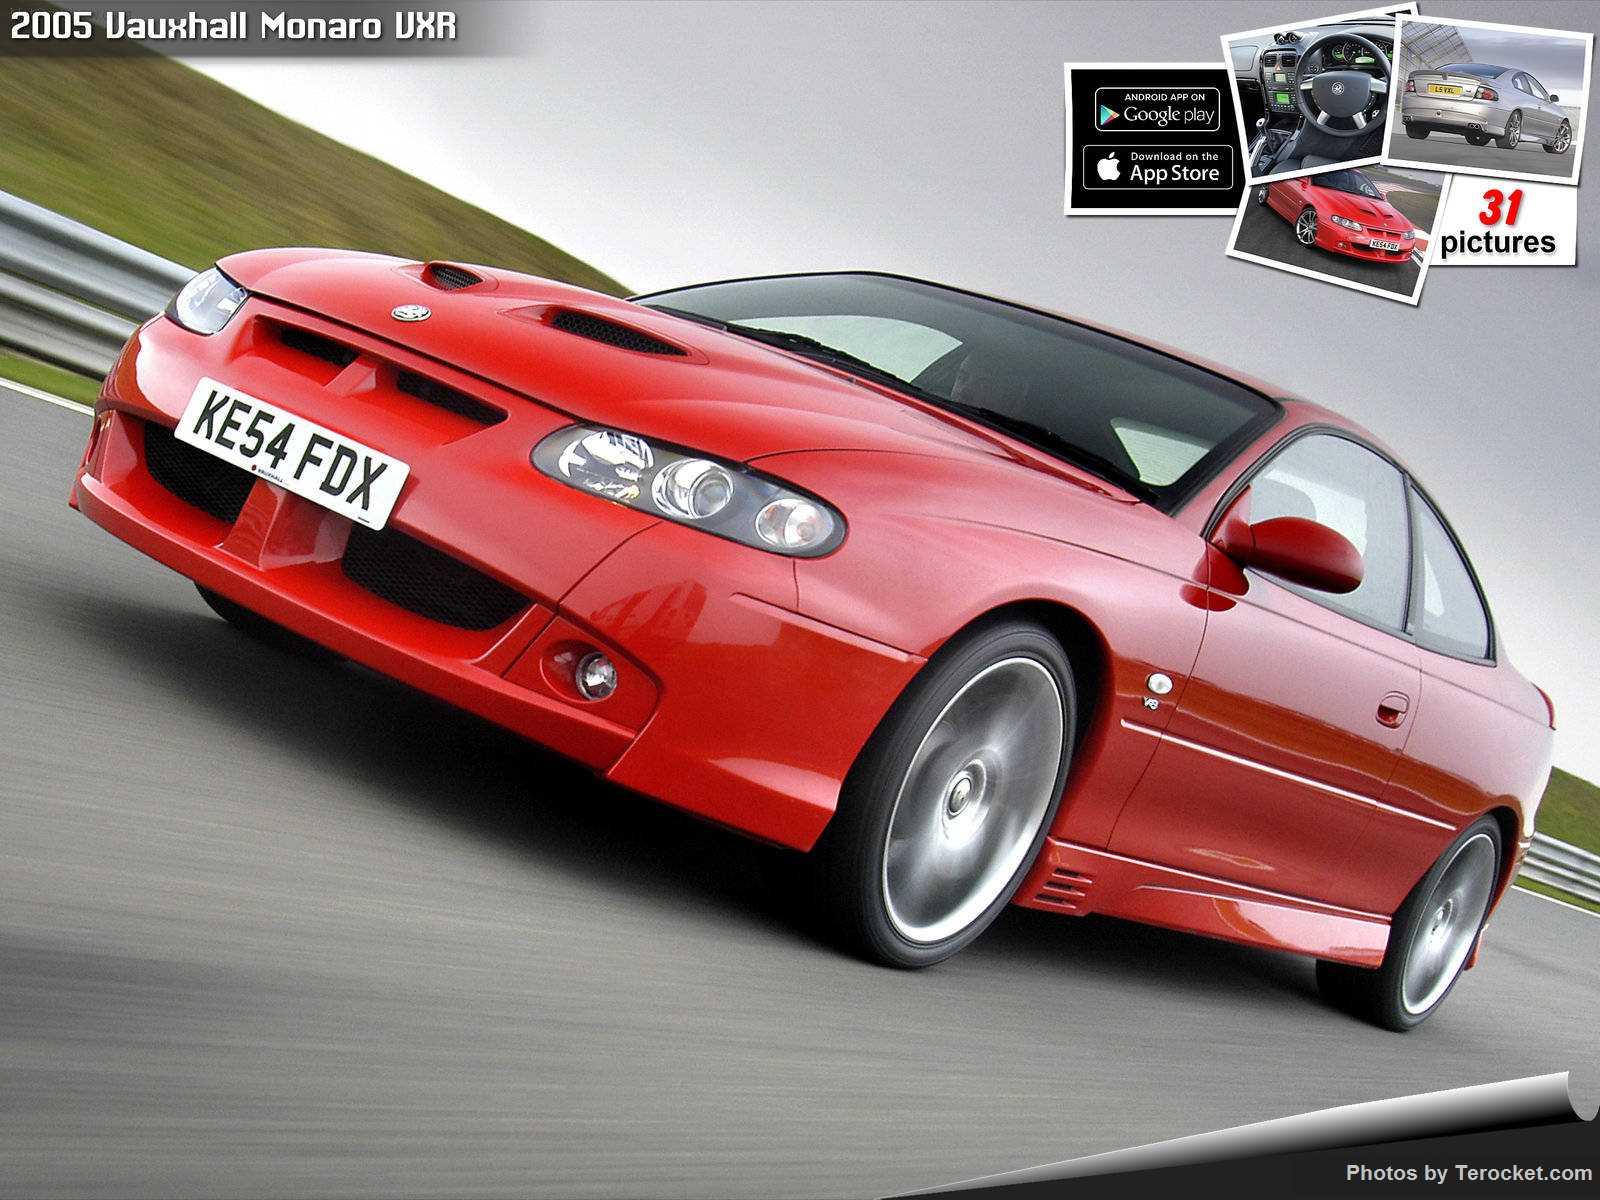 Hình ảnh xe ô tô Vauxhall Monaro VXR 2005 & nội ngoại thất